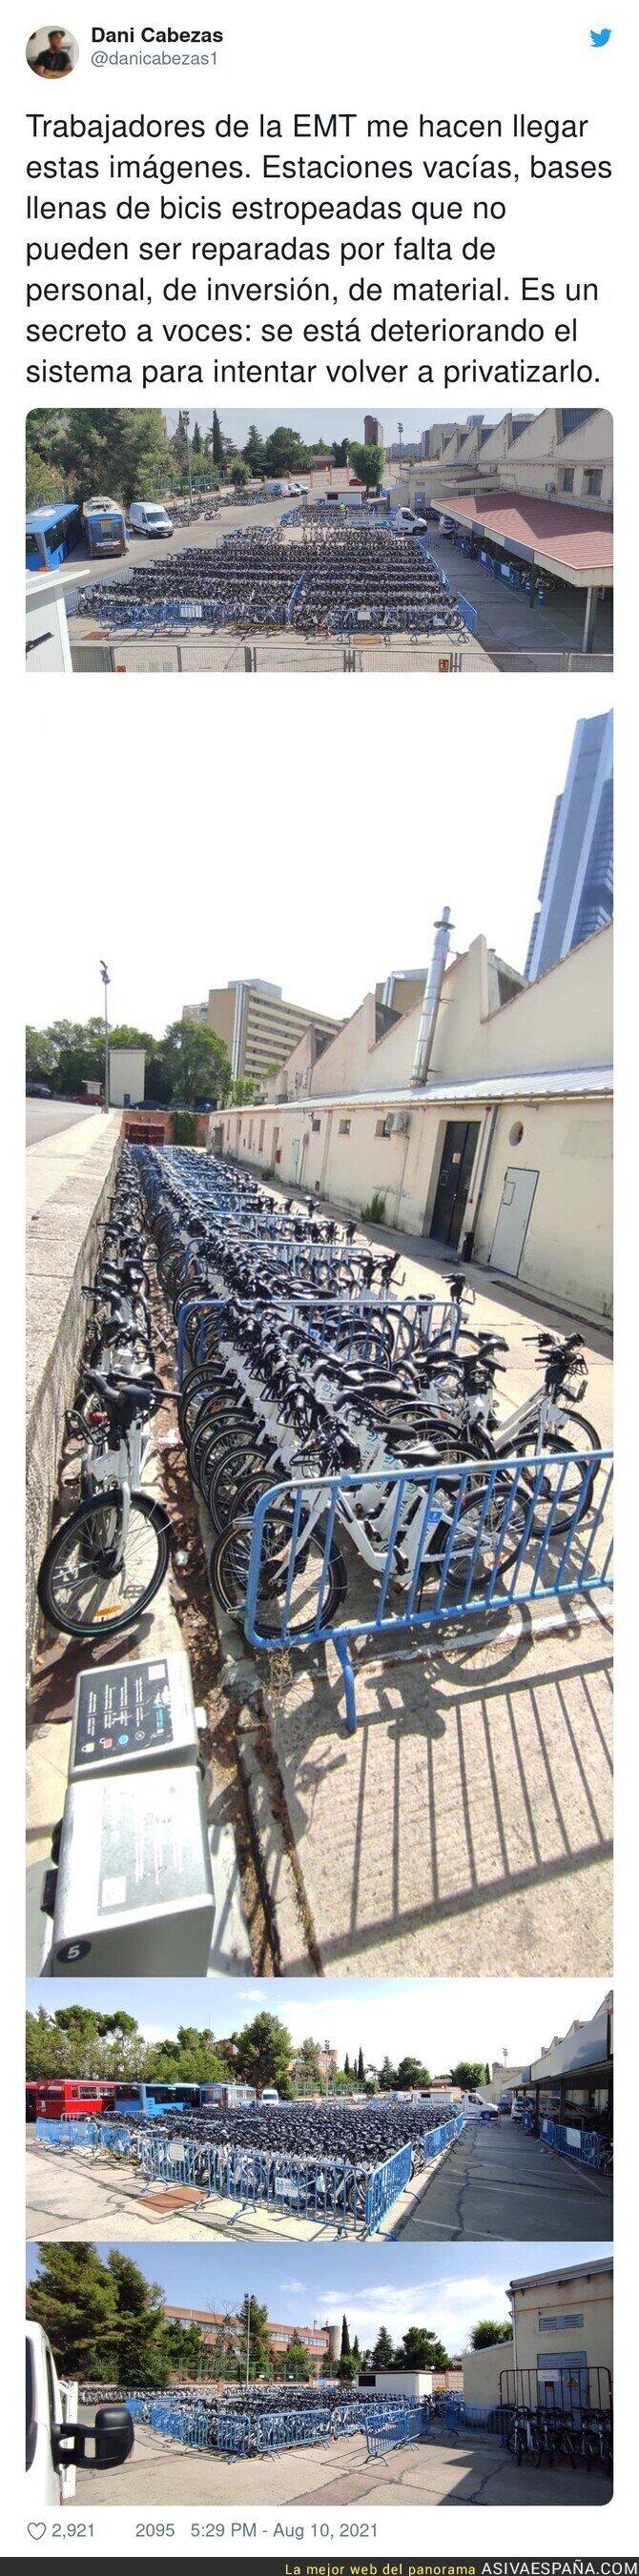 871345 - Las imágenes de las bicicletas de Madrid agolpadas en un almacén en la calle